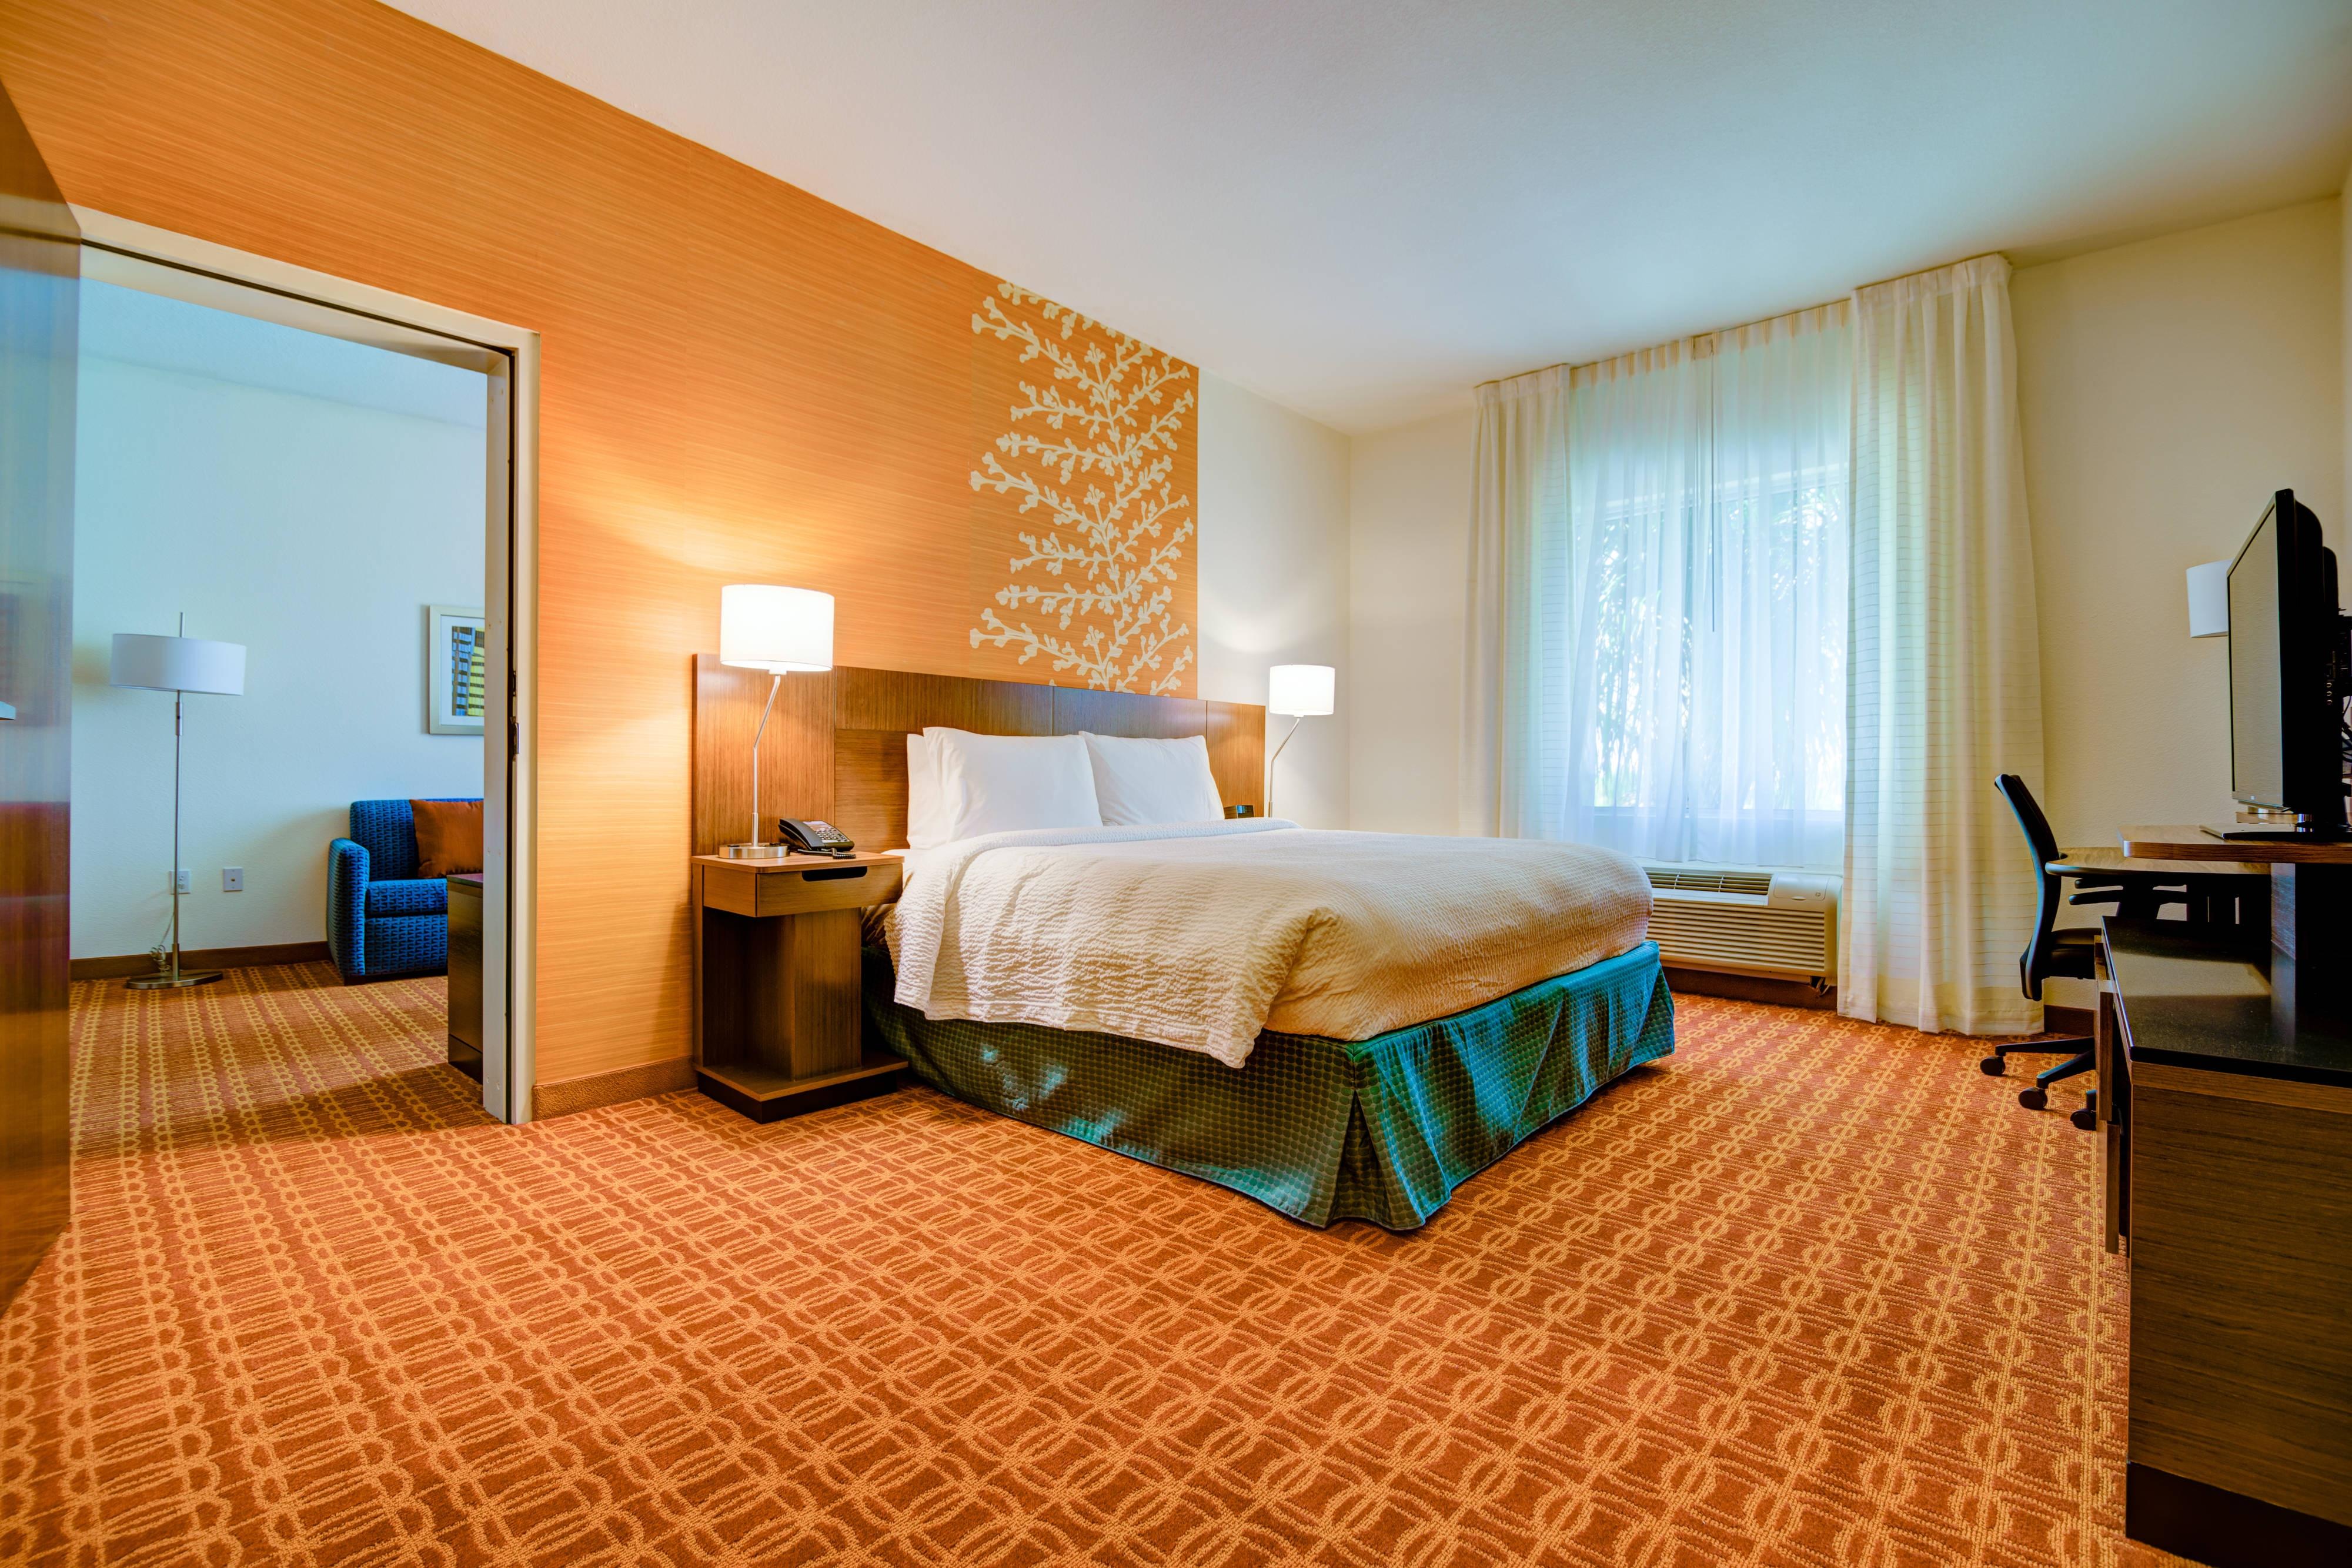 Suite del hotel en Delray Beach